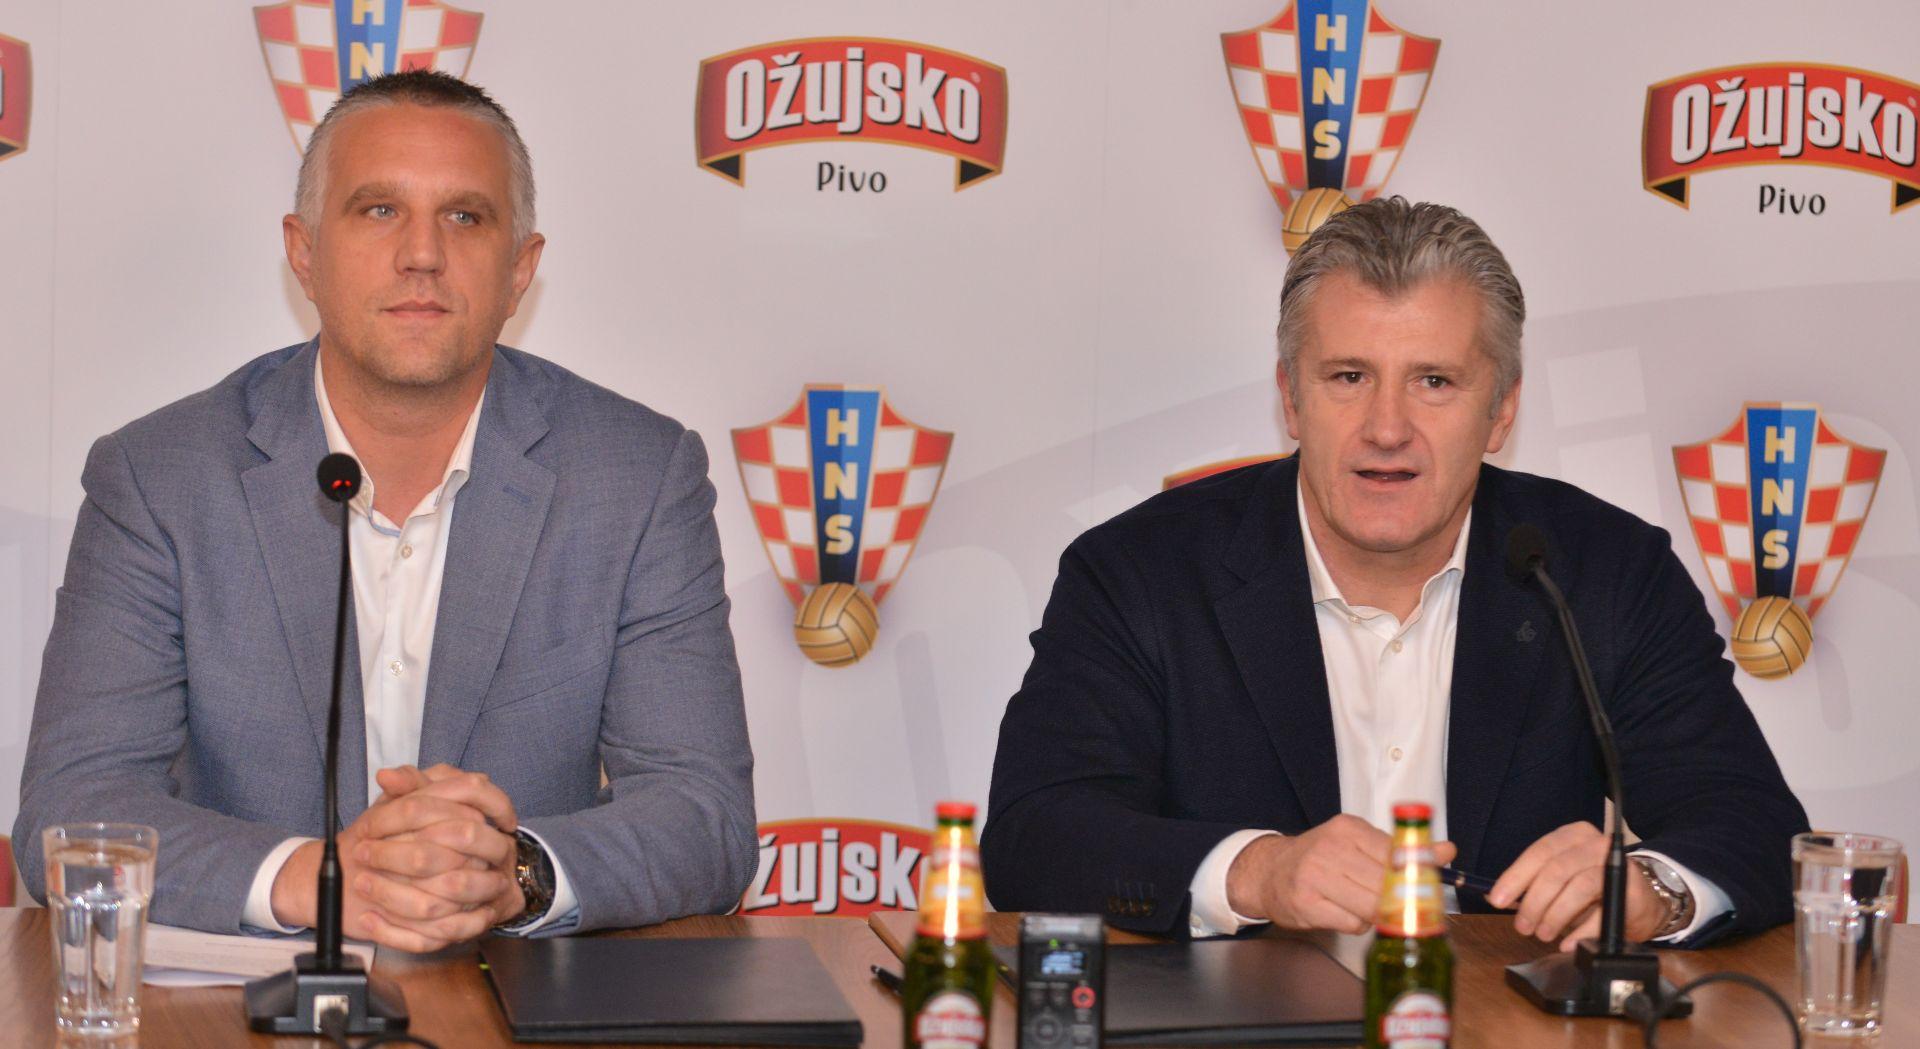 Hrvatski nogometni savez i Zagrebačka pivovara potpisali ugovor o sponzorstvu